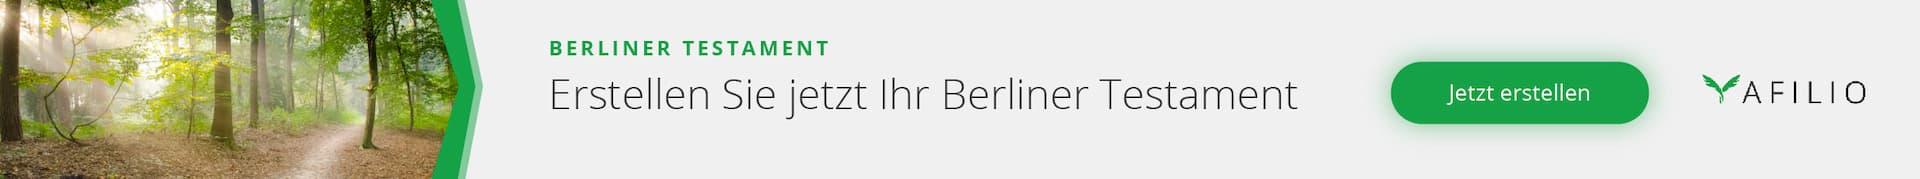 Berliner Testament erstellen